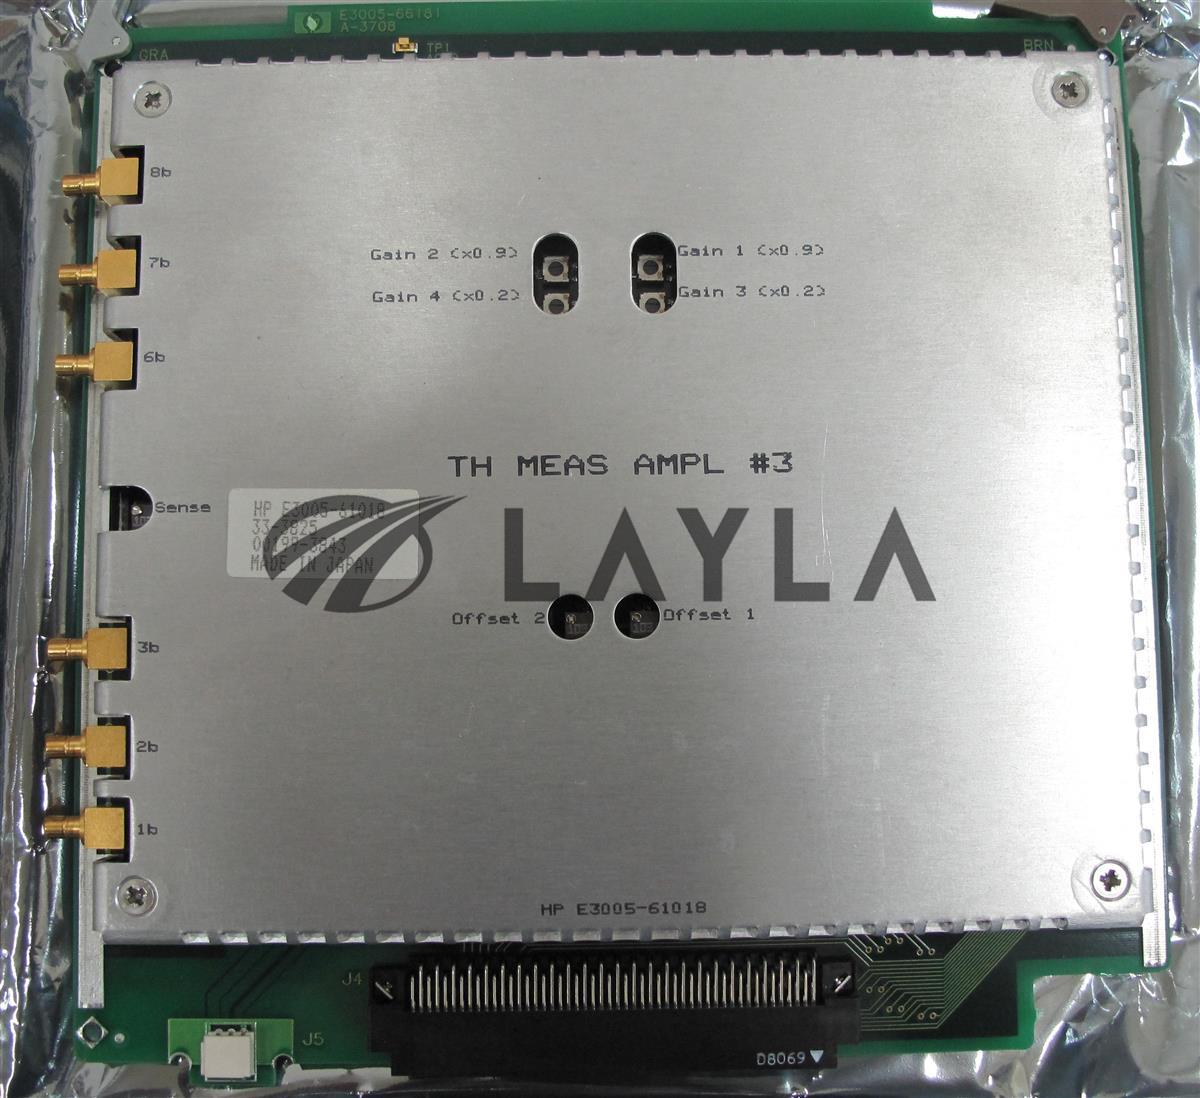 E3005-69018/-/E3005-69018/Agilent/_01